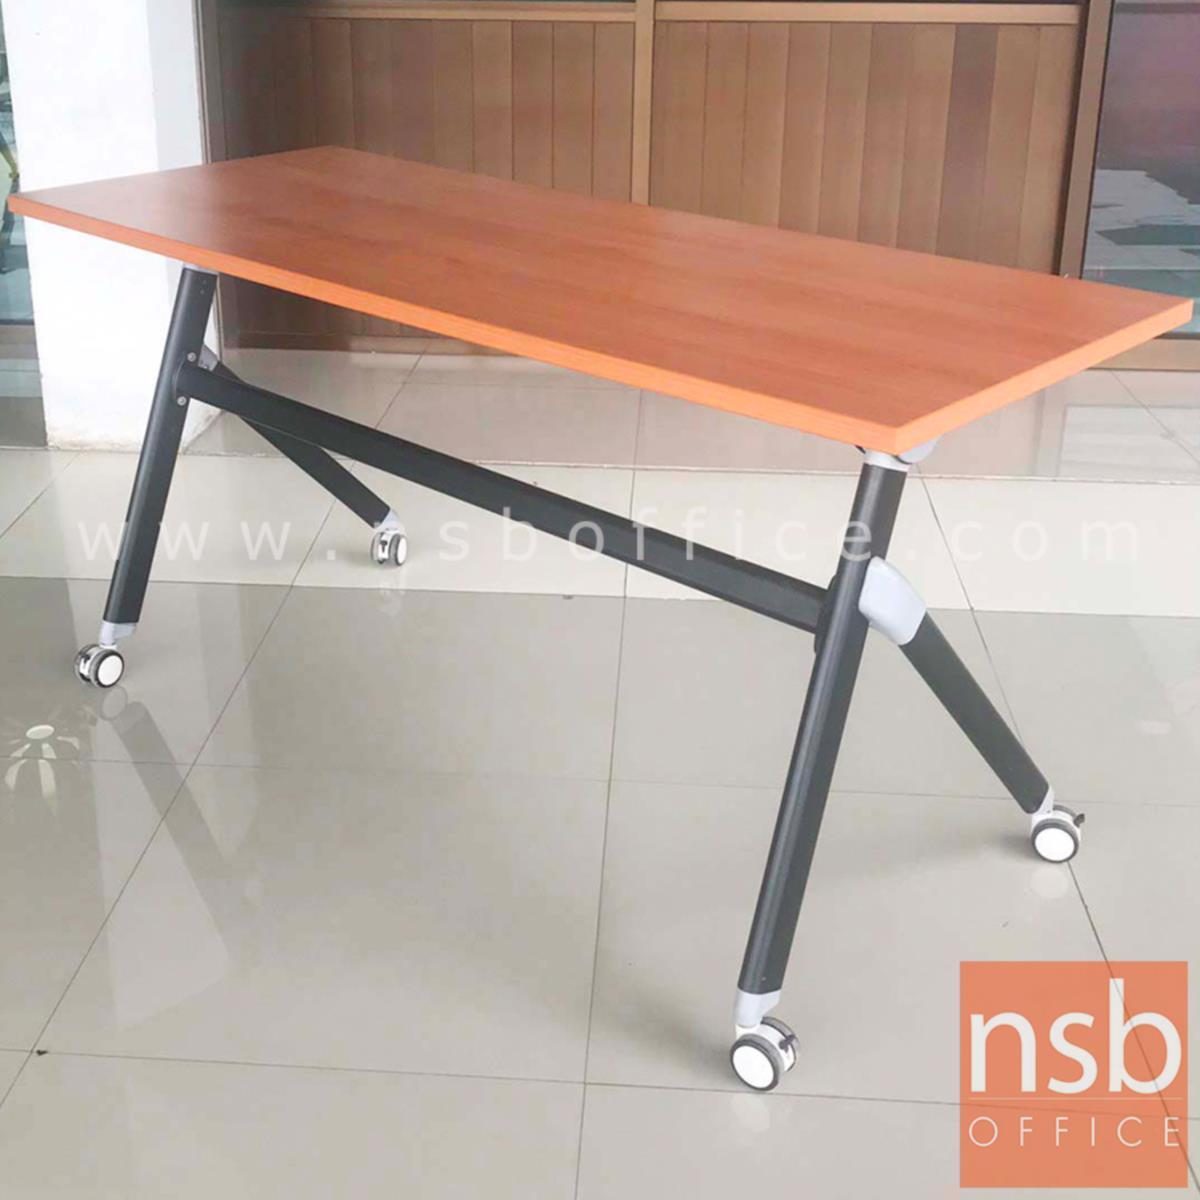 โต๊ะพับล้อเลื่อน รุ่น Marcelline (มาเซลีน)  ขนาด 150W cm. โครงขาเหล็ก ลูกล้อใหญ่